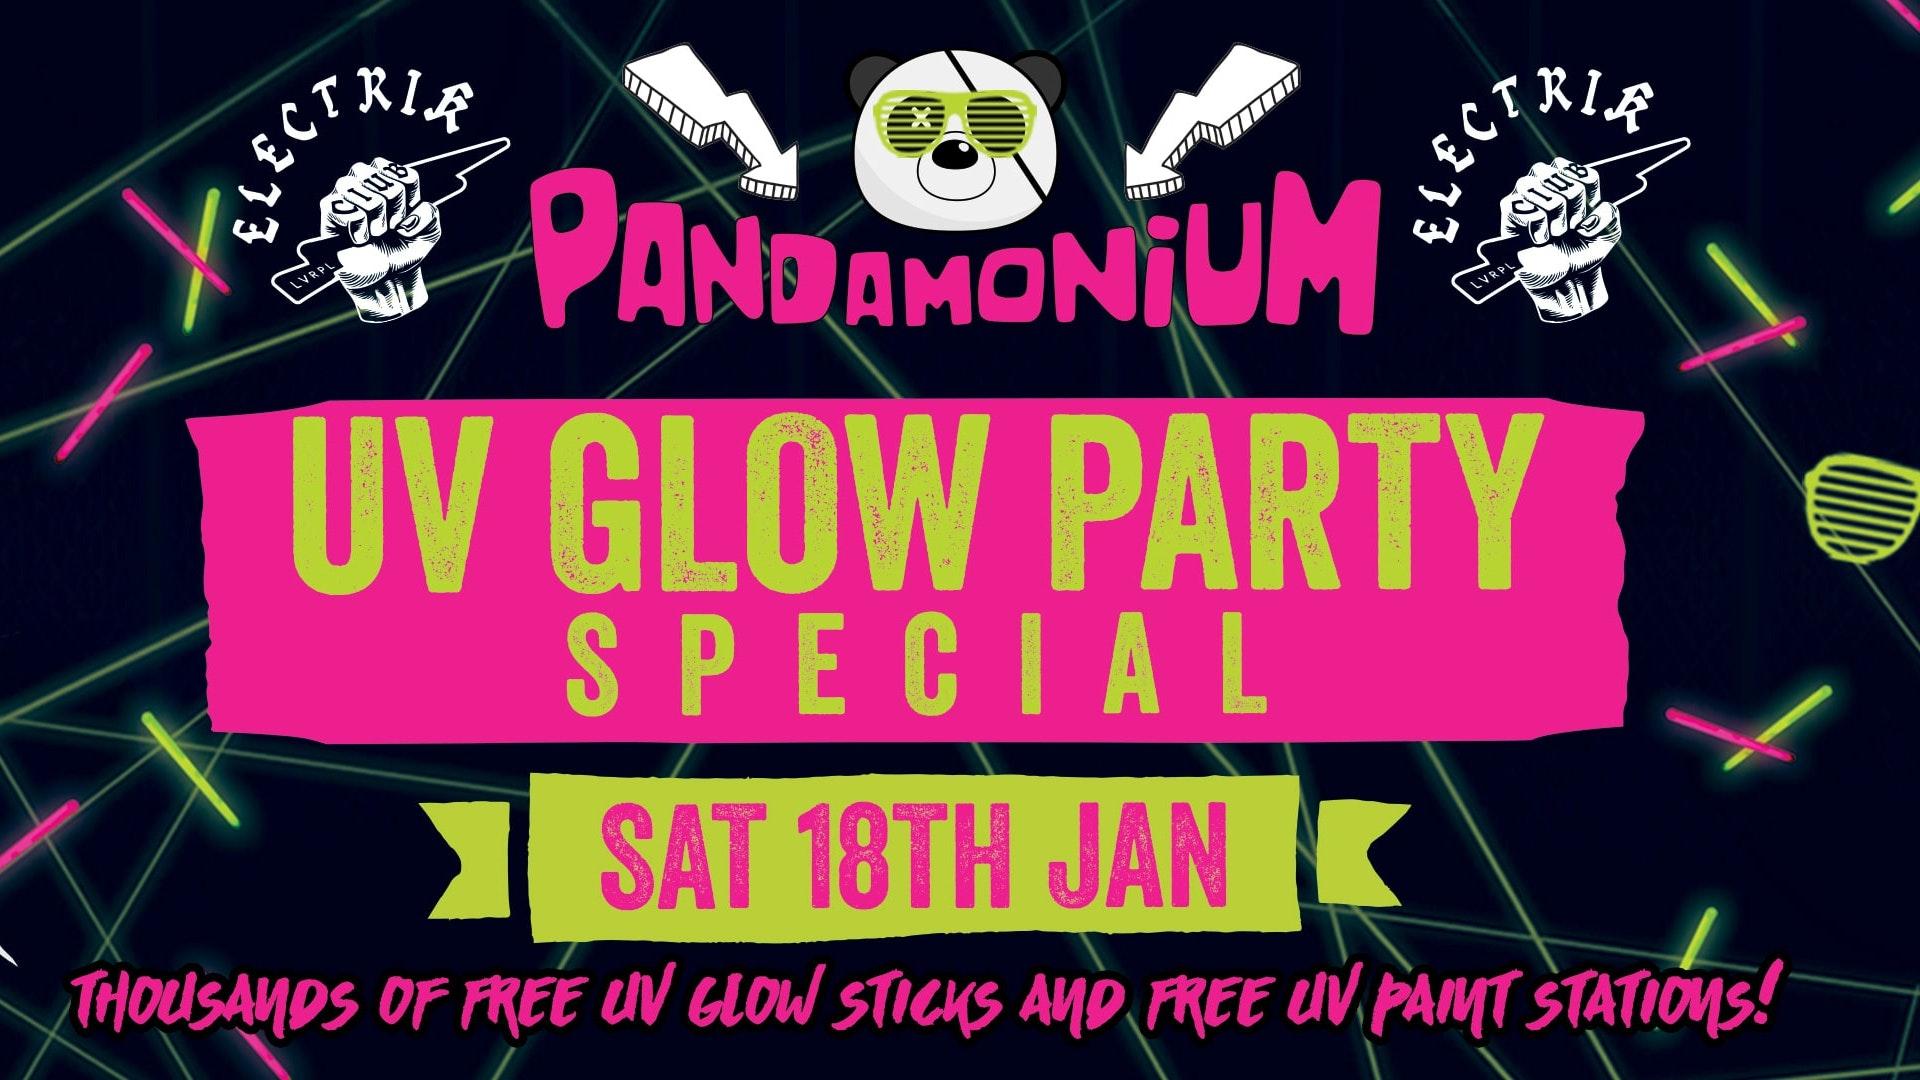 Pandamonium Saturdays – UV Glow Party